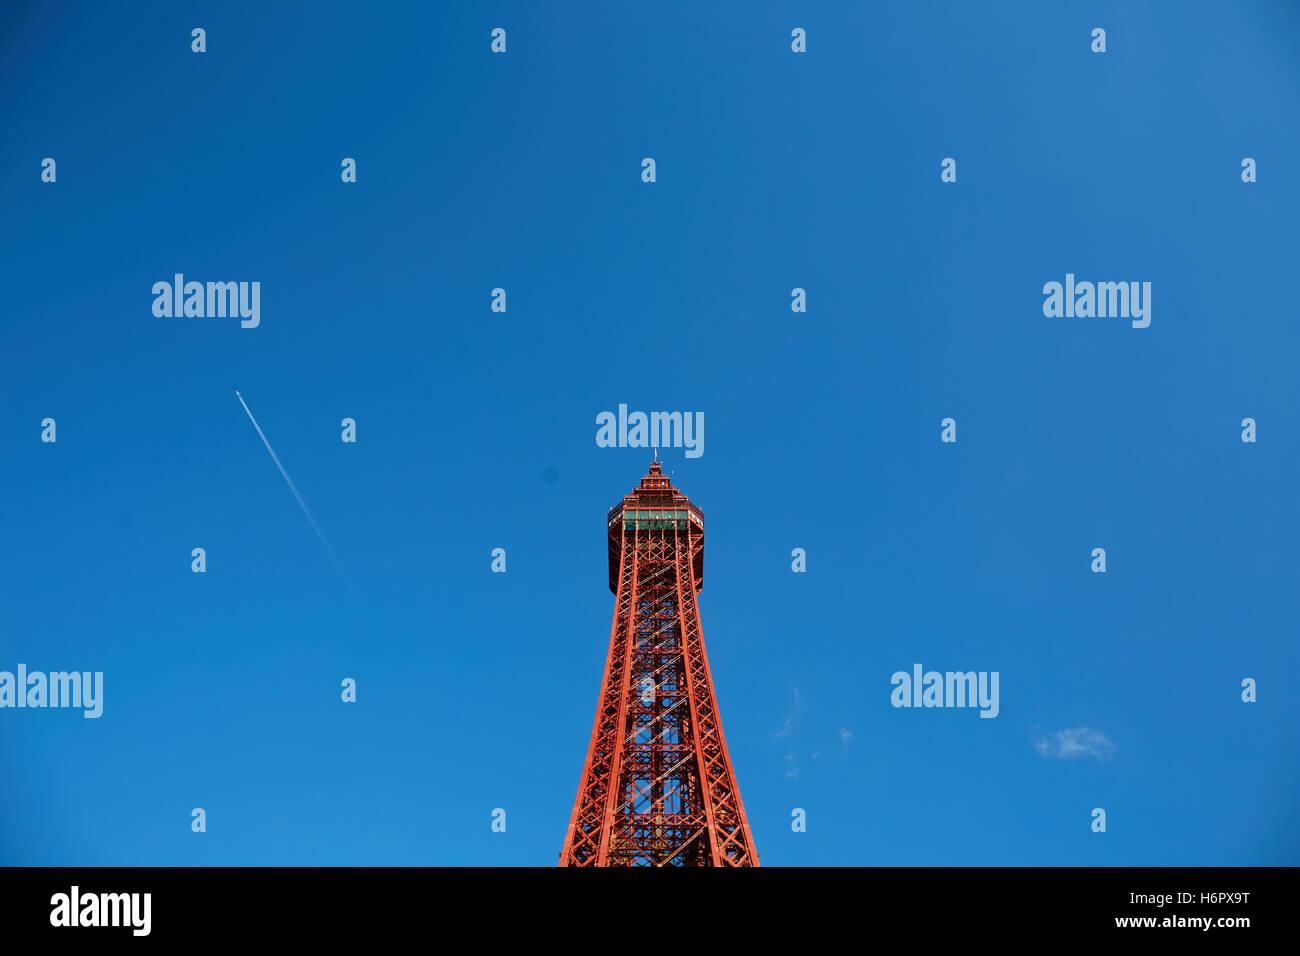 La estructura de la torre de Blackpool landmark resort de vacaciones al lado del mar ciudad Lancashire atractivos Imagen De Stock